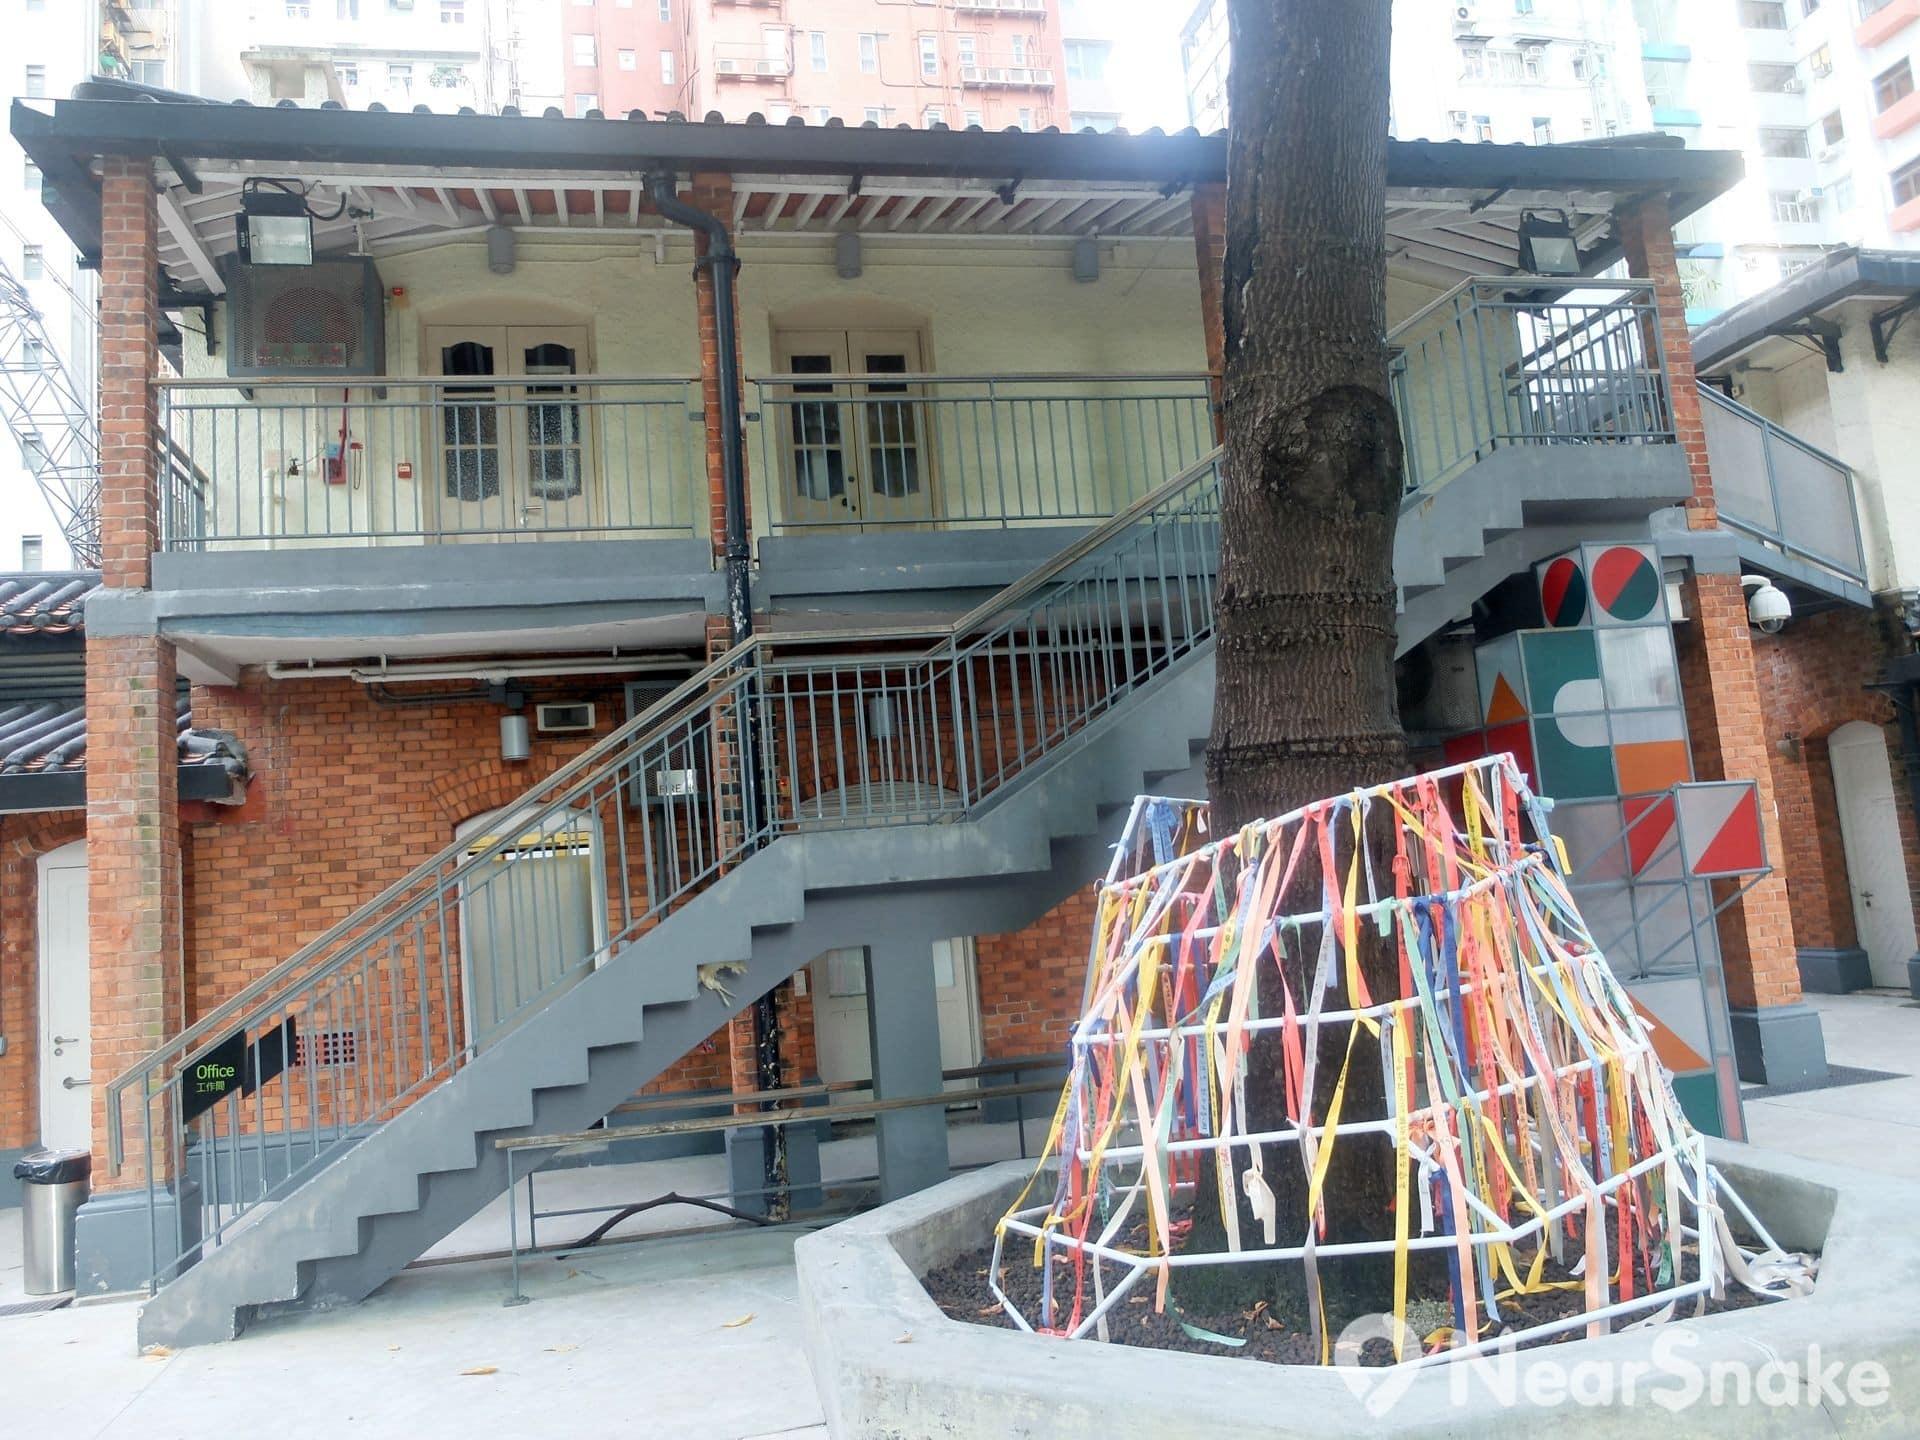 筆者遊訪油街實現時,恰好有一個關於建築與社區關係的藝術活動剛剛結束,遊人可將對建設社區的期望寫在紙條上,再掛在樹底的圍架。